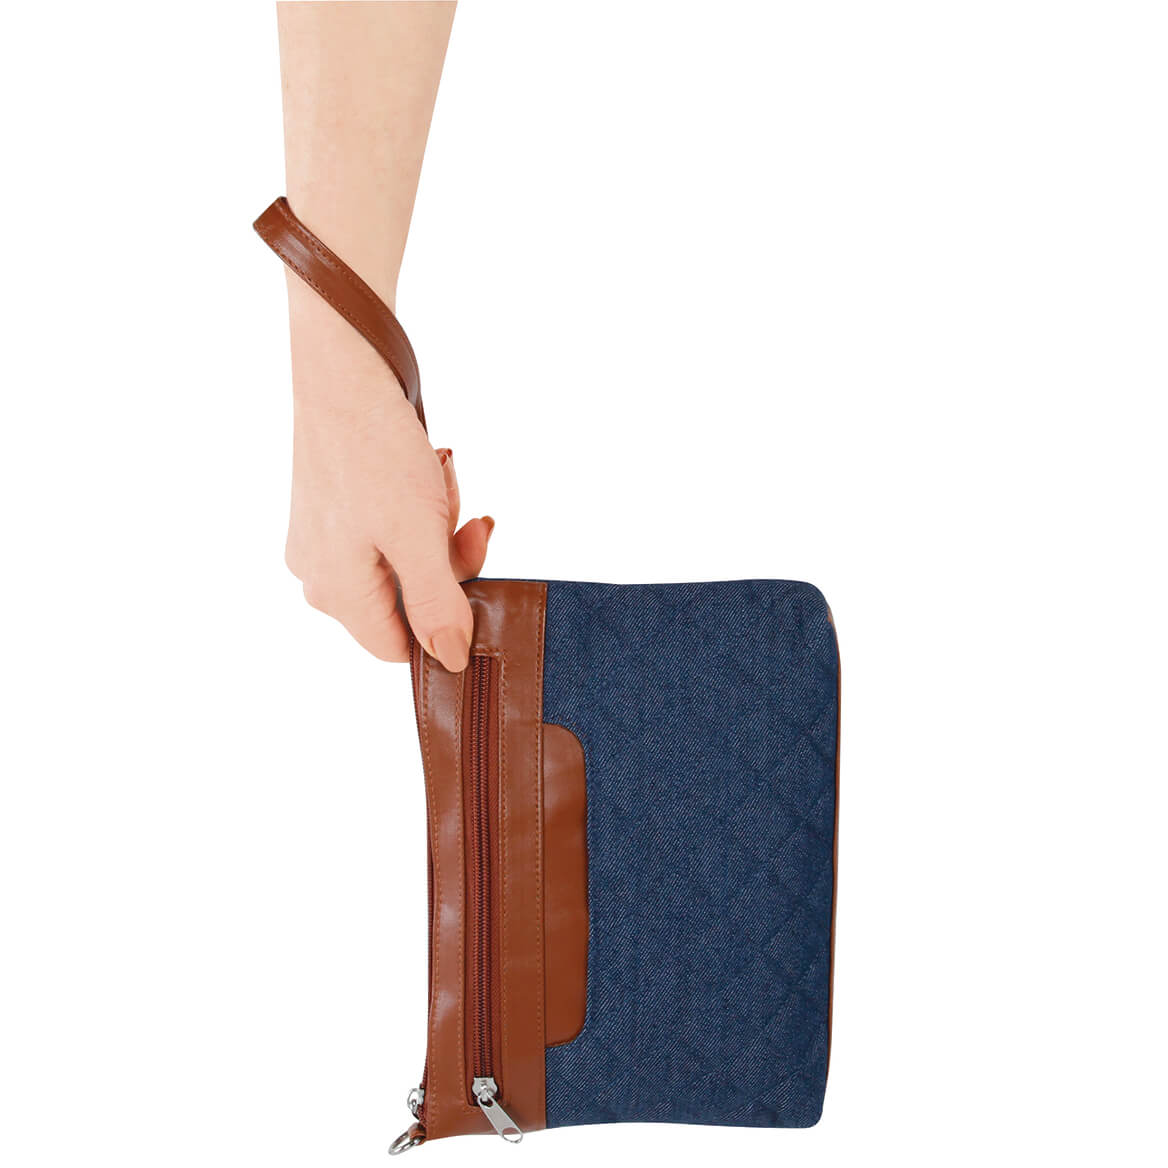 Quilted Multi Handbag-369776